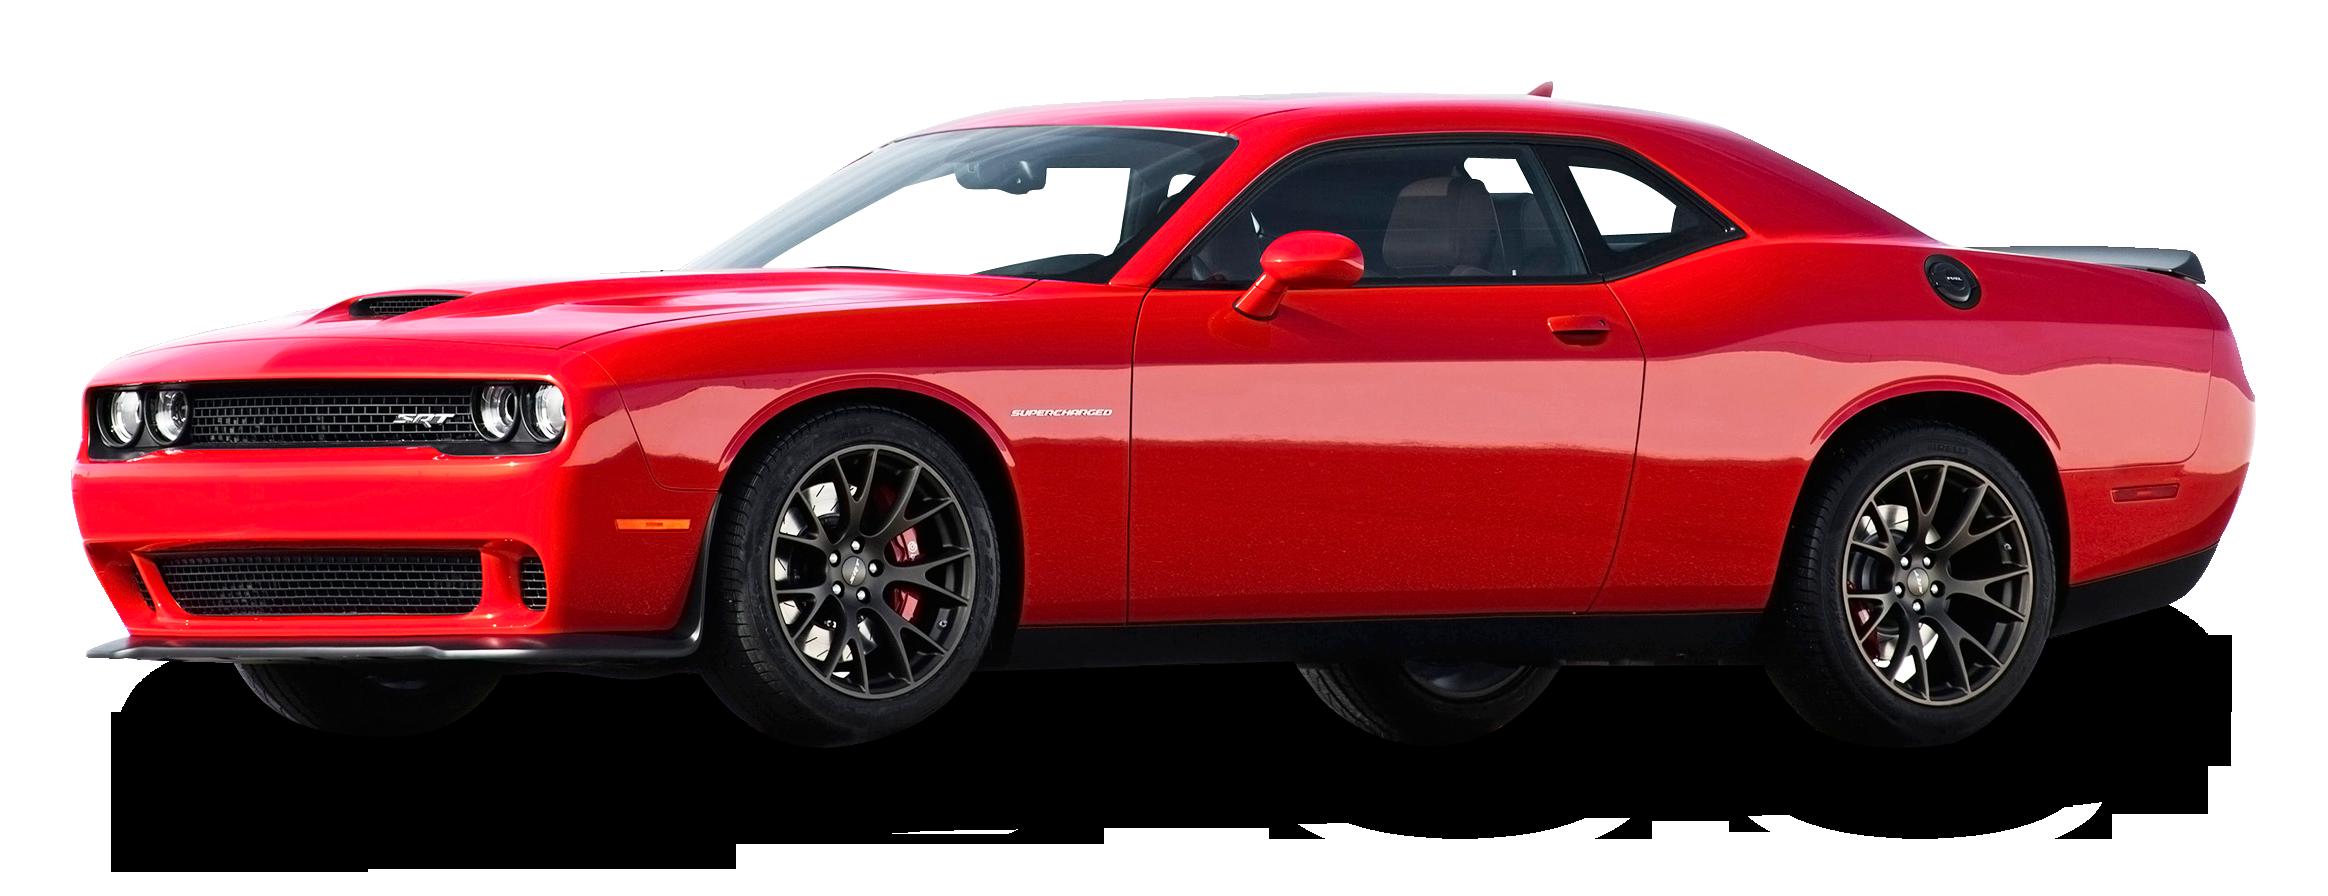 Red Dodge Challenger Car Png Image Dodge Challenger Car Dodge